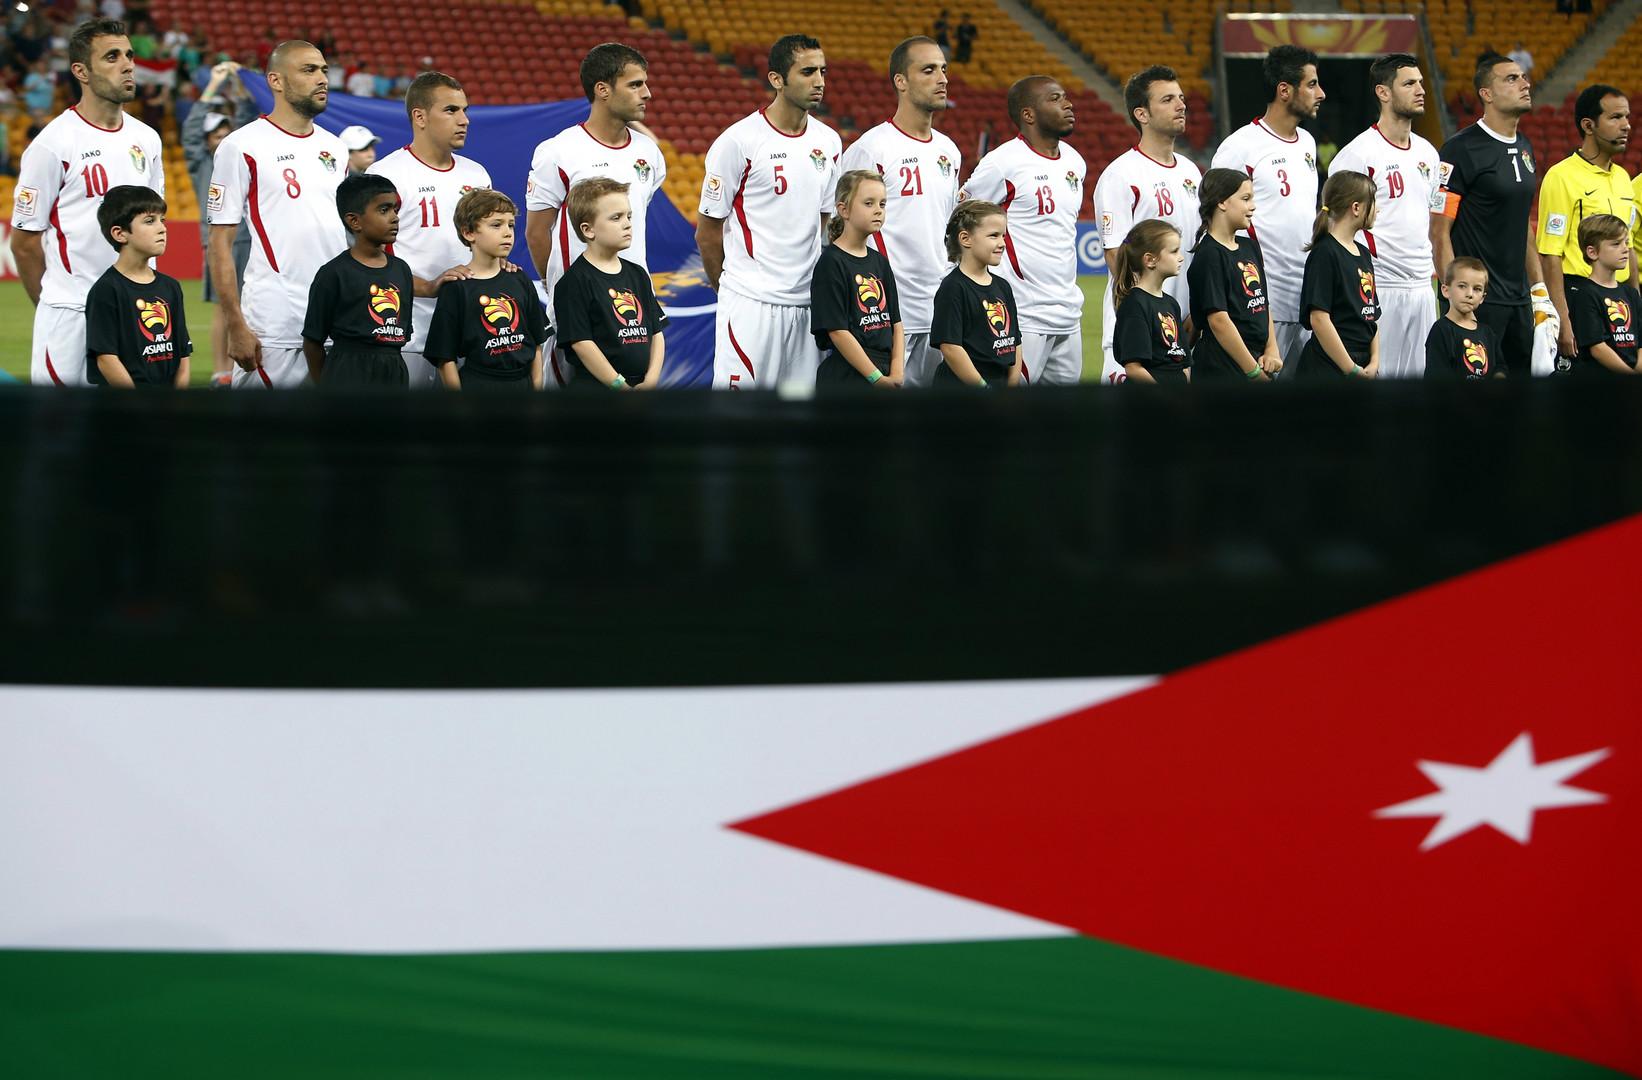 كأس آسيا.. تصفية حسابات معقدة بين اليابان والثلاثي العربي العراق والأردن وفلسطين